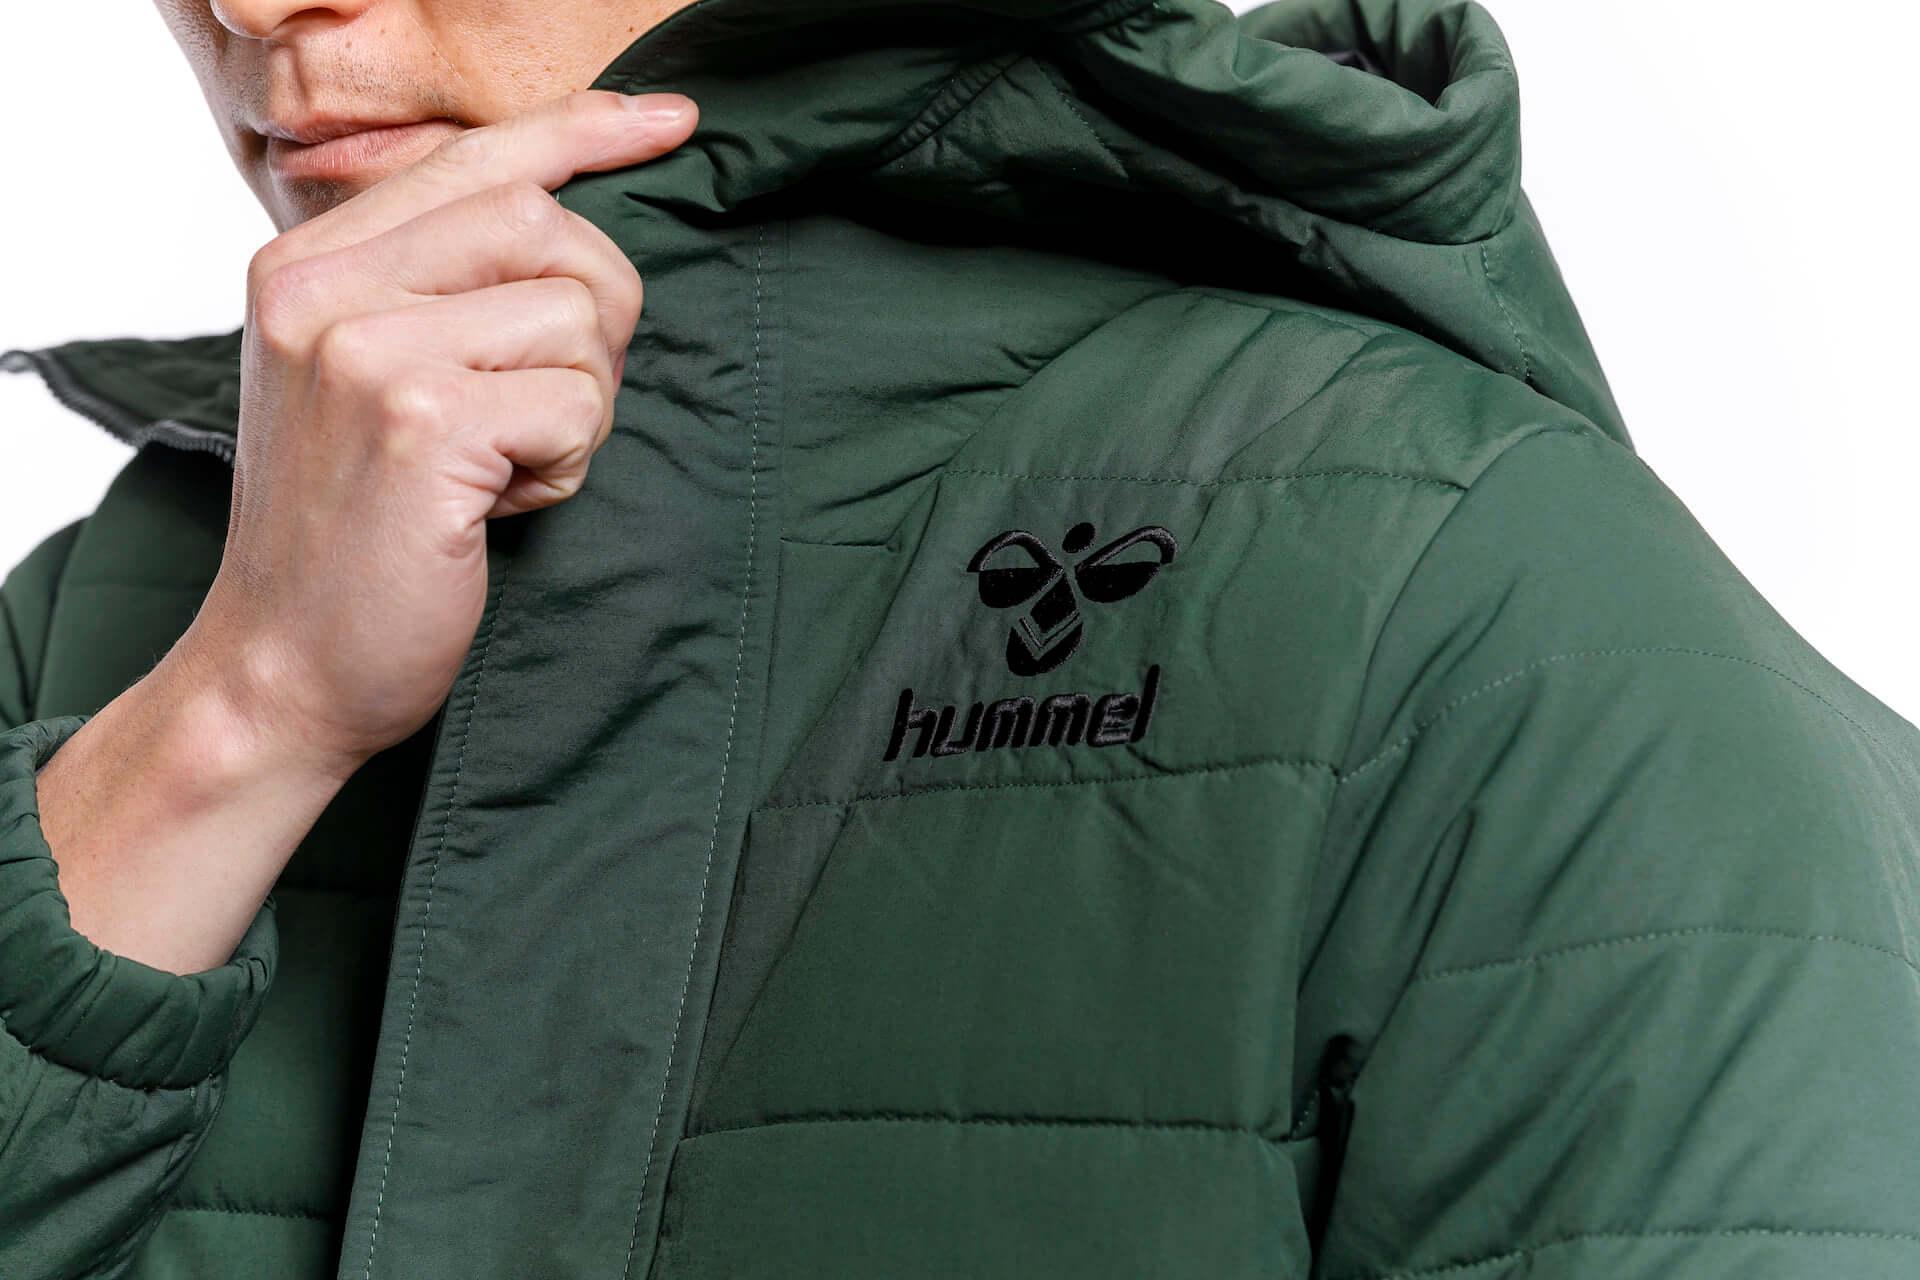 冬のスポーツシーンにもおすすめ!ヒュンメルとサッカーチーム・ツエーゲン金沢によるコラボジャケットが発売 lf201216_hummel_10-1920x1280